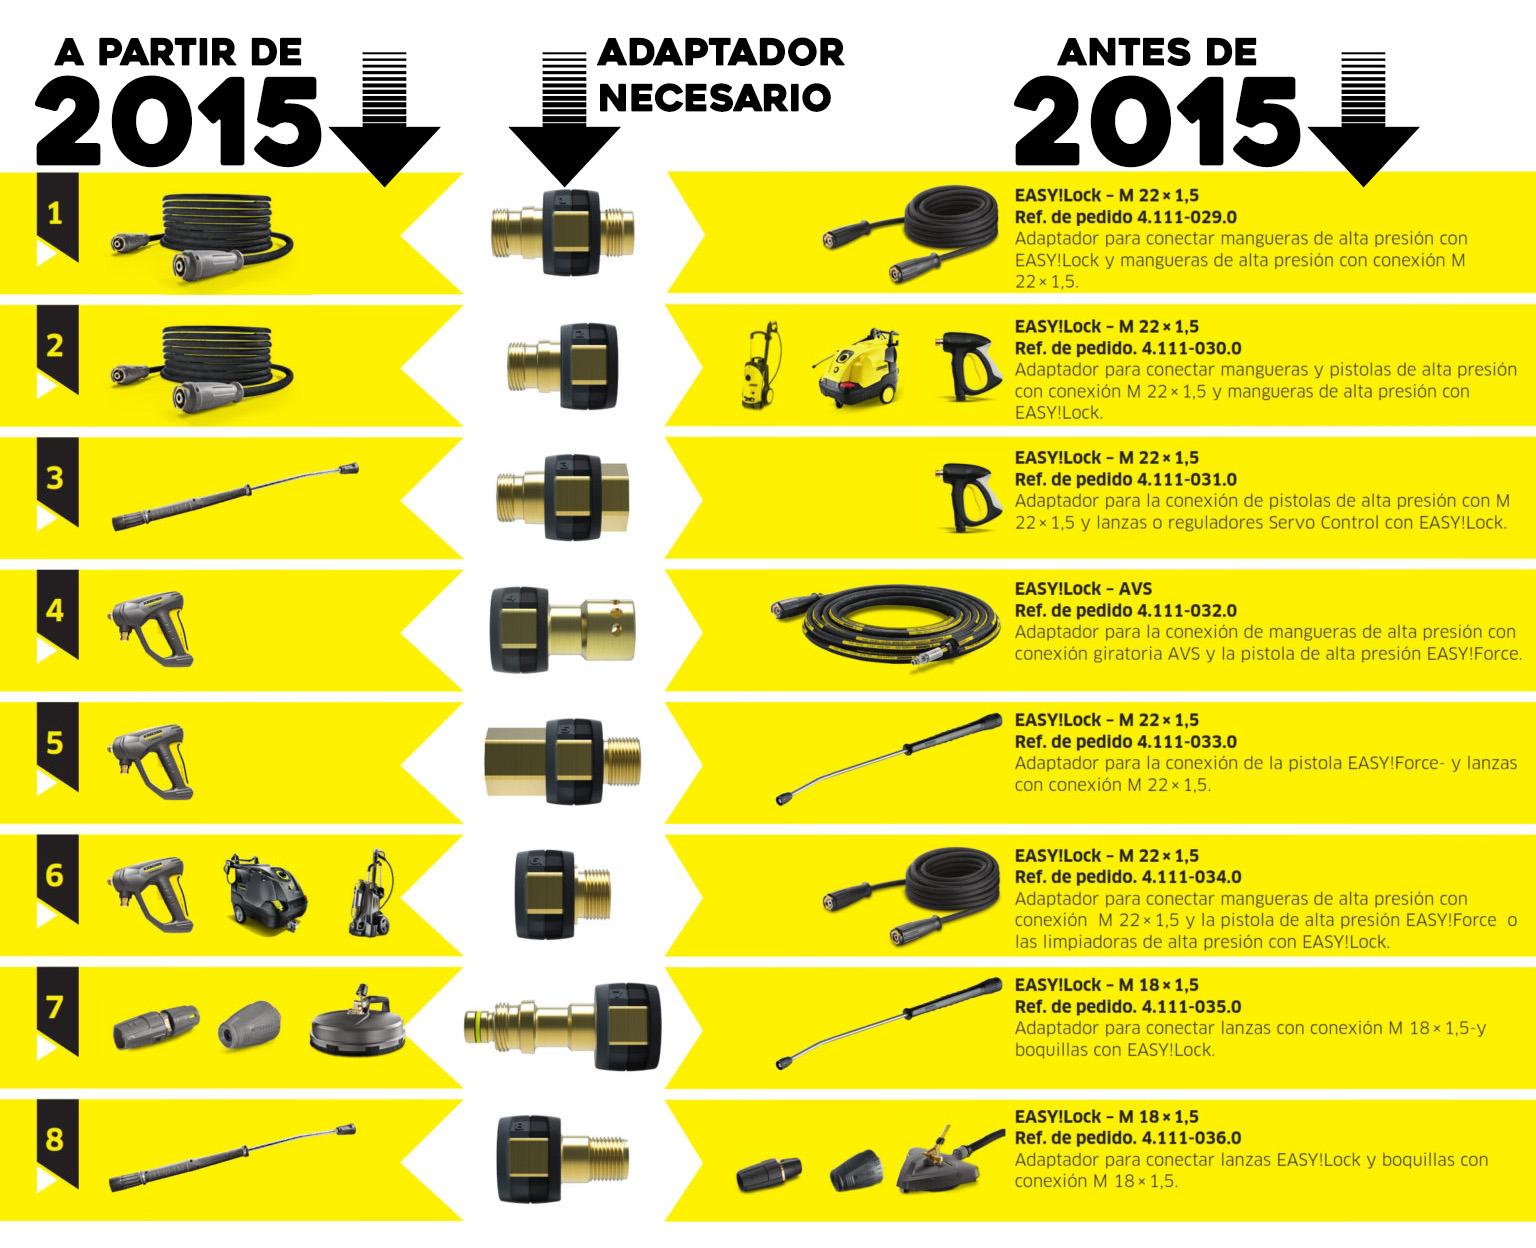 adaptadores karcher 2015 - Adaptadores Karcher para limpiadoras de alta presión profesionales